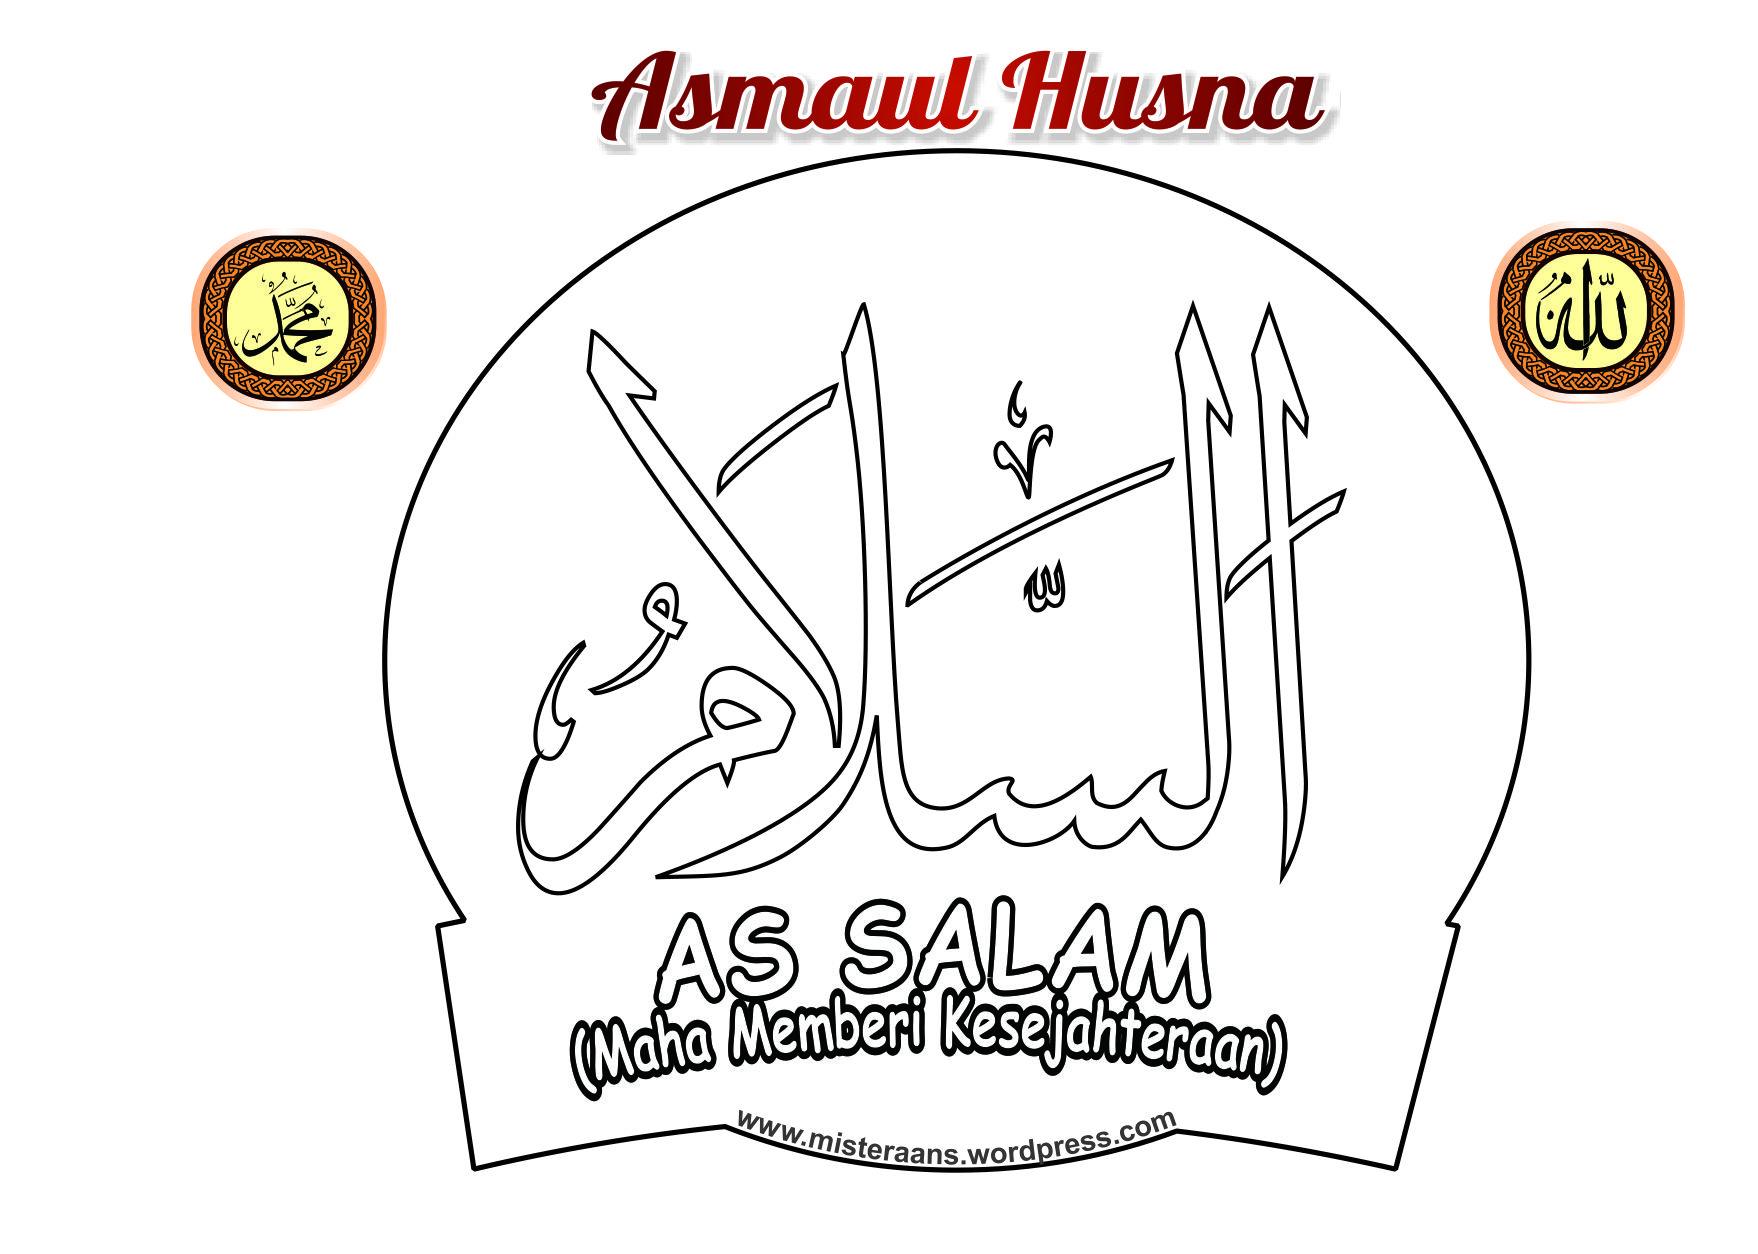 Kaligrafi Asmaul Husna As Salaam